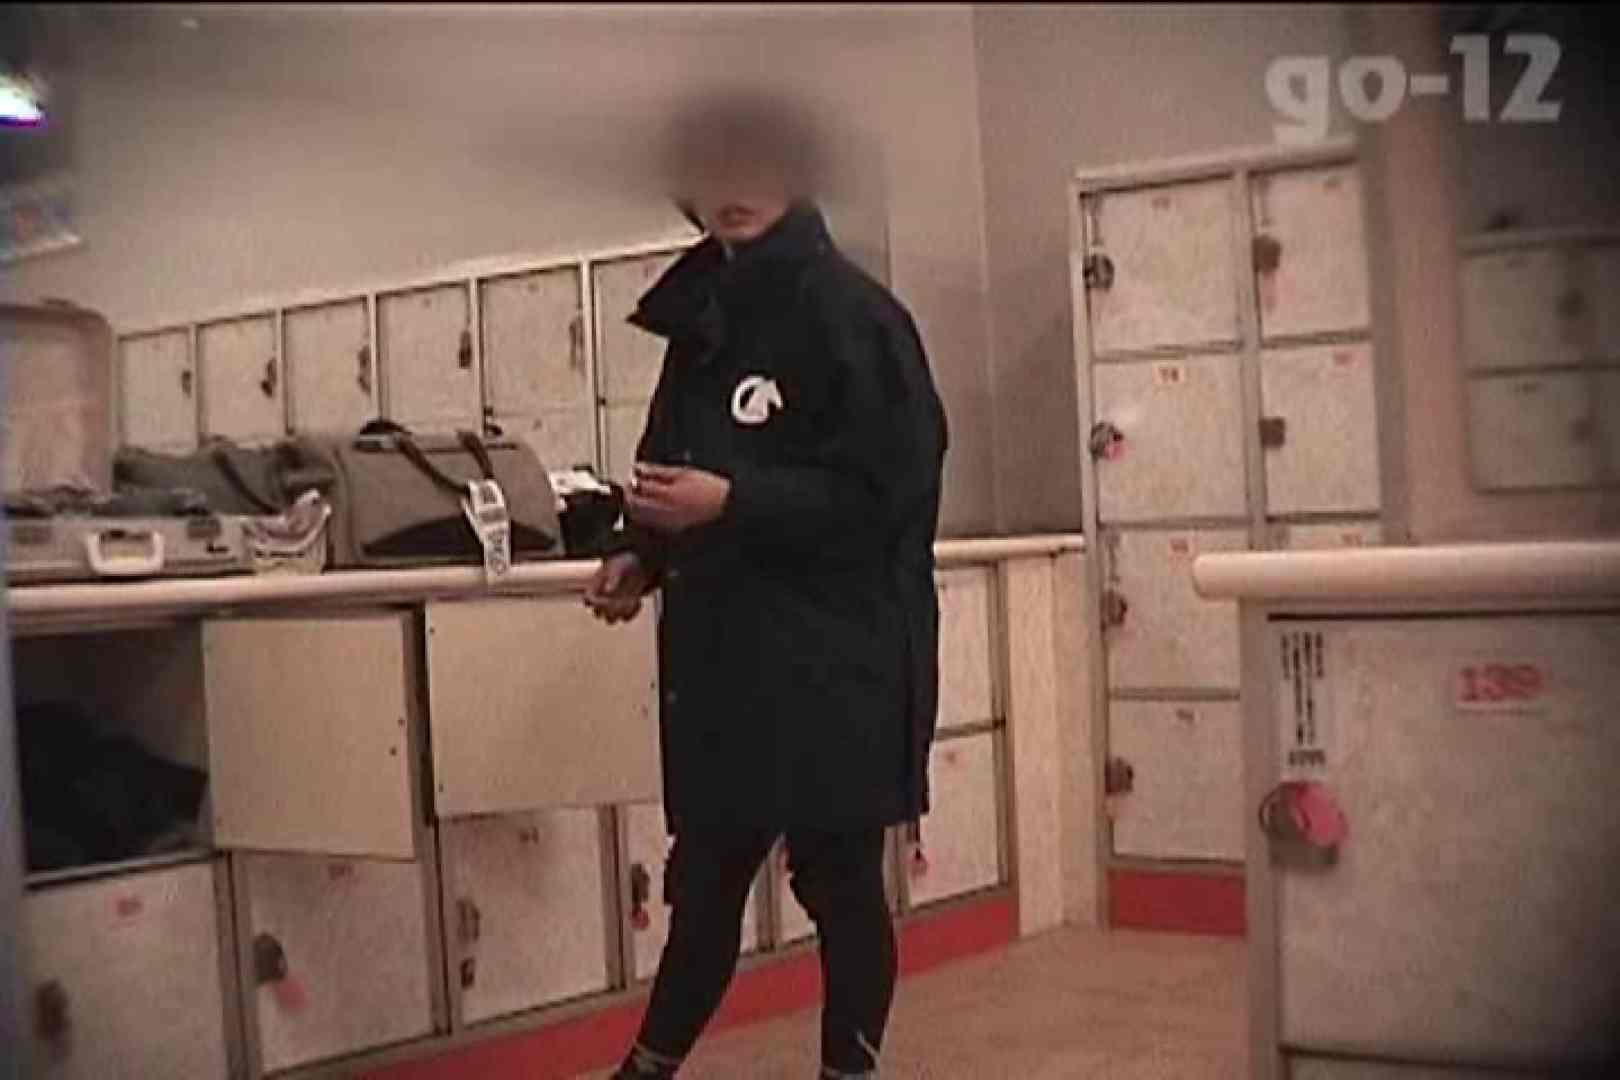 電波カメラ設置浴場からの防HAN映像 Vol.12 チラ見せ オマンコ無修正動画無料 82PIX 23